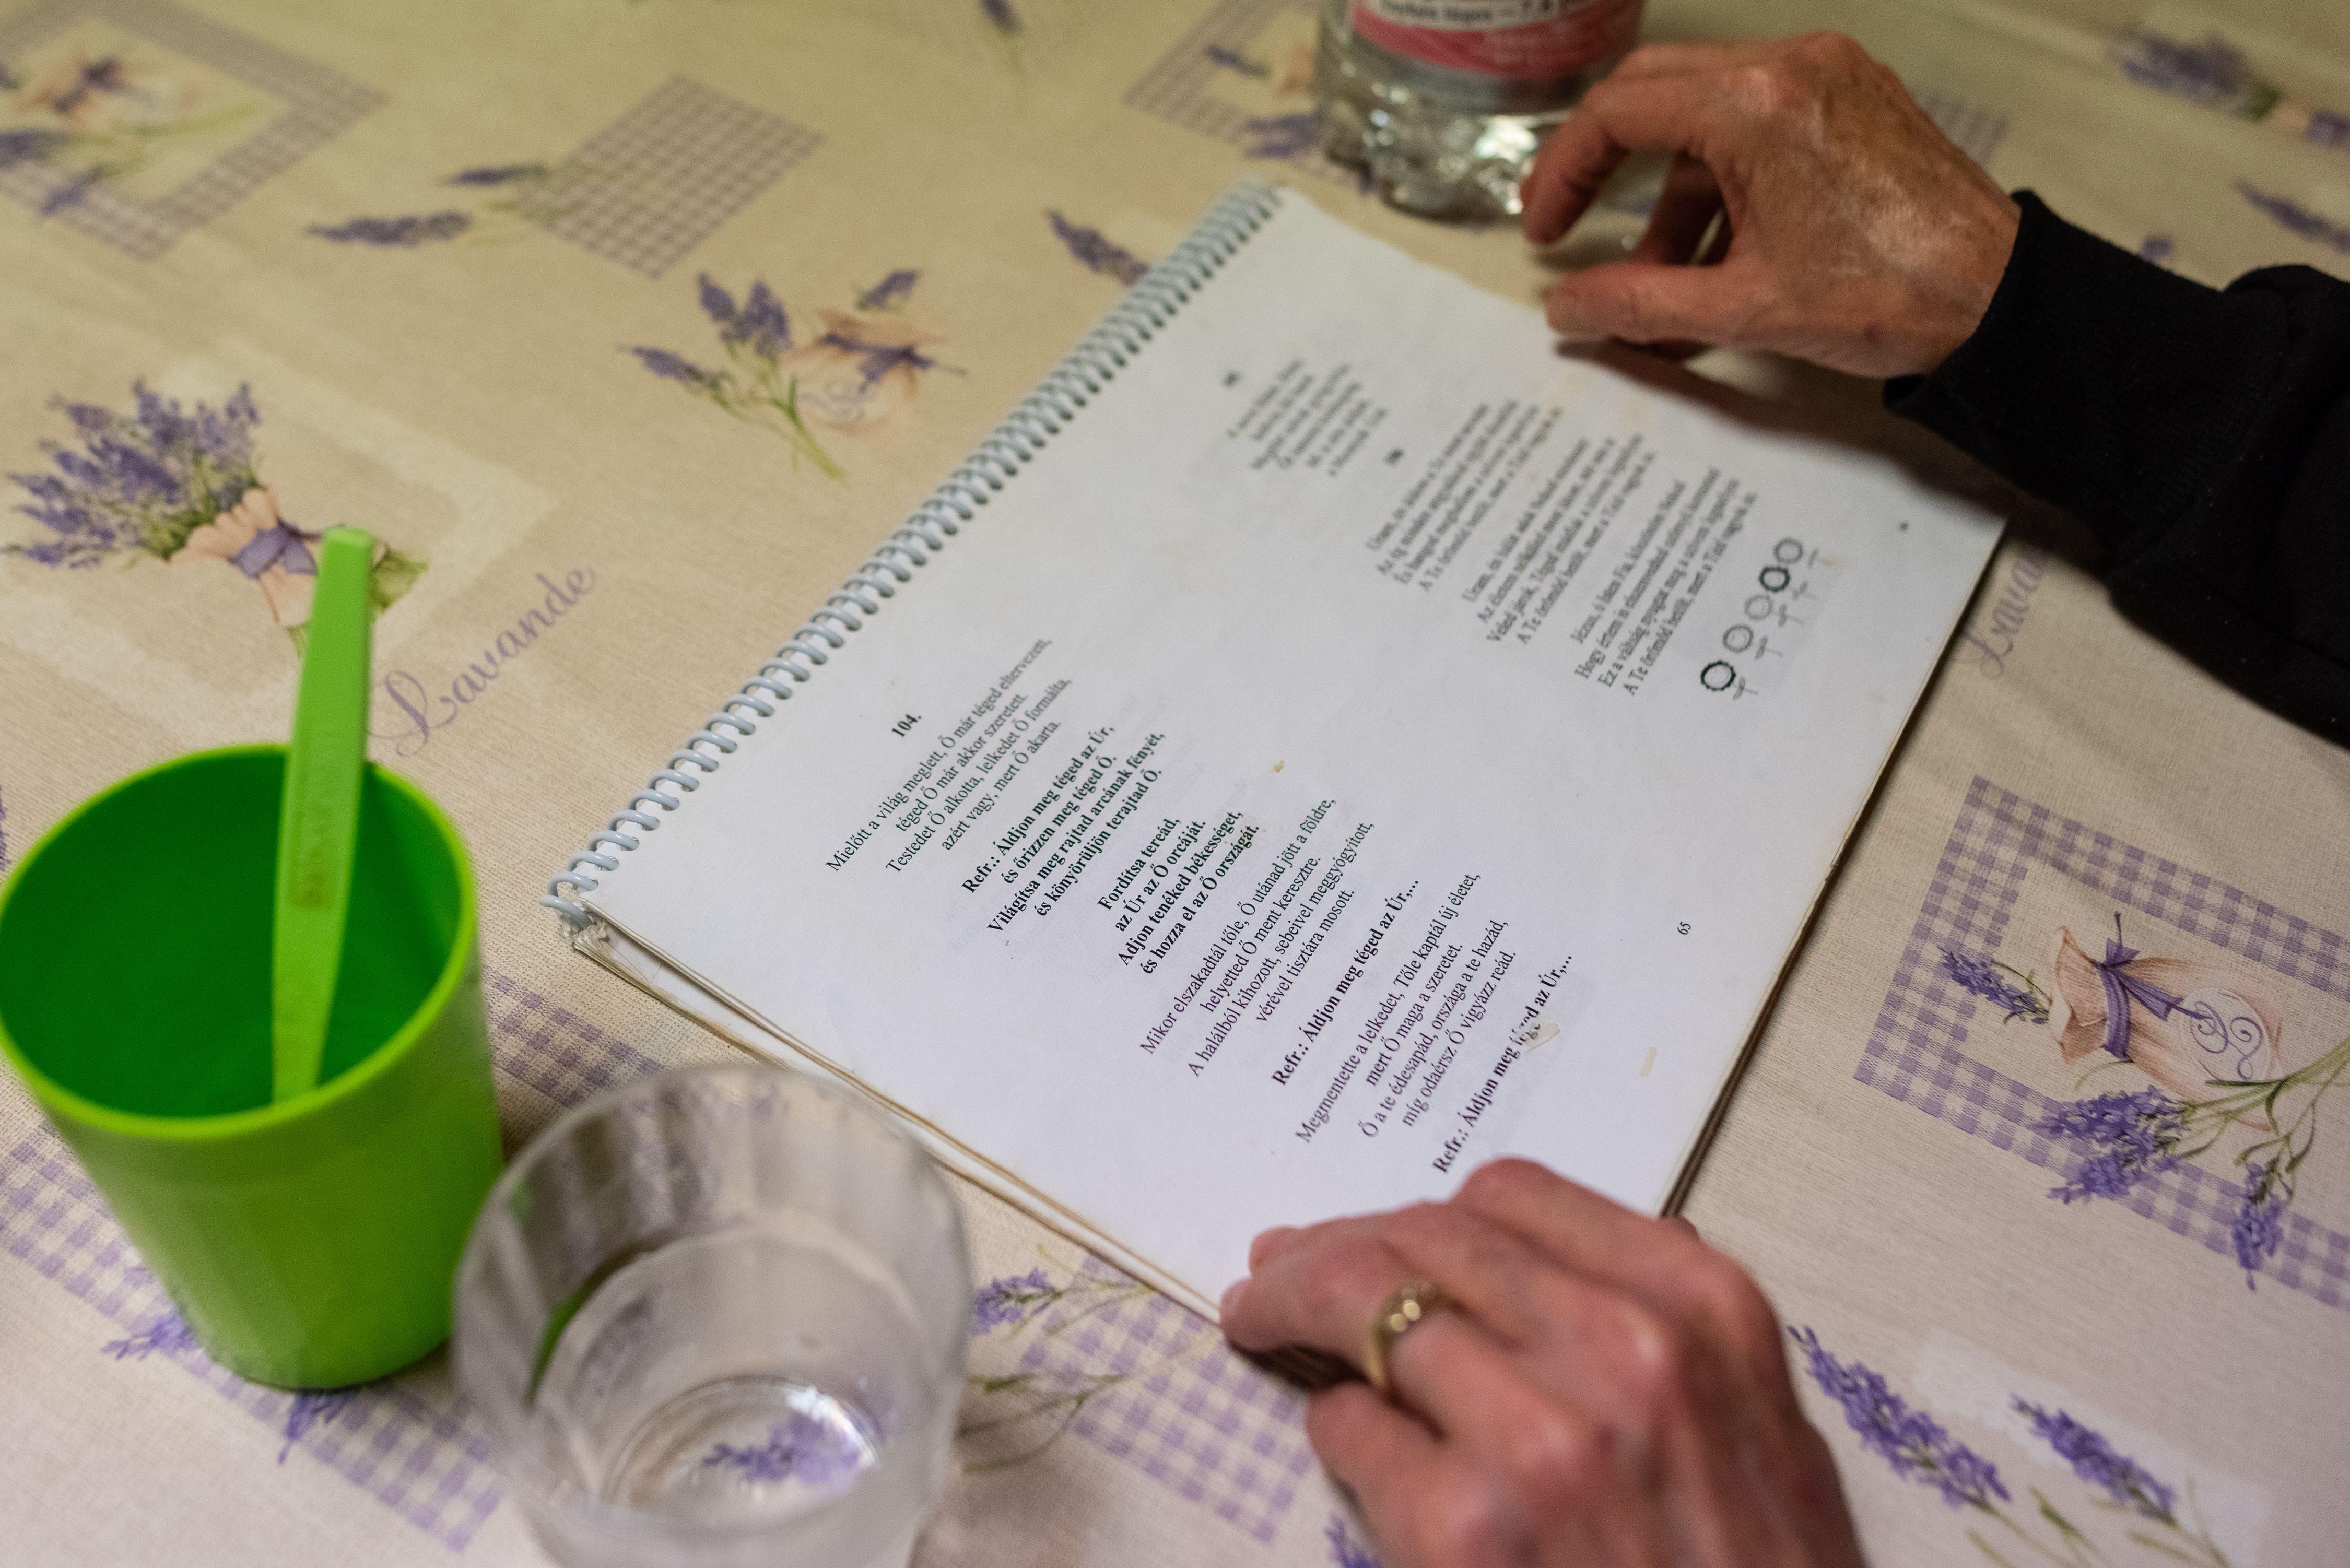 Image: 73901859, MPE Hajnalcsillag Szenvedélybetegek Rehabilitációs Otthona. Drog- és alkoholfüggõ nõk kezelése Dunaharasztiban., Place: Dunaharaszti, Hungary, Model Release: No or not aplicable, Property Release: Yes, Credit: smagpictures.com